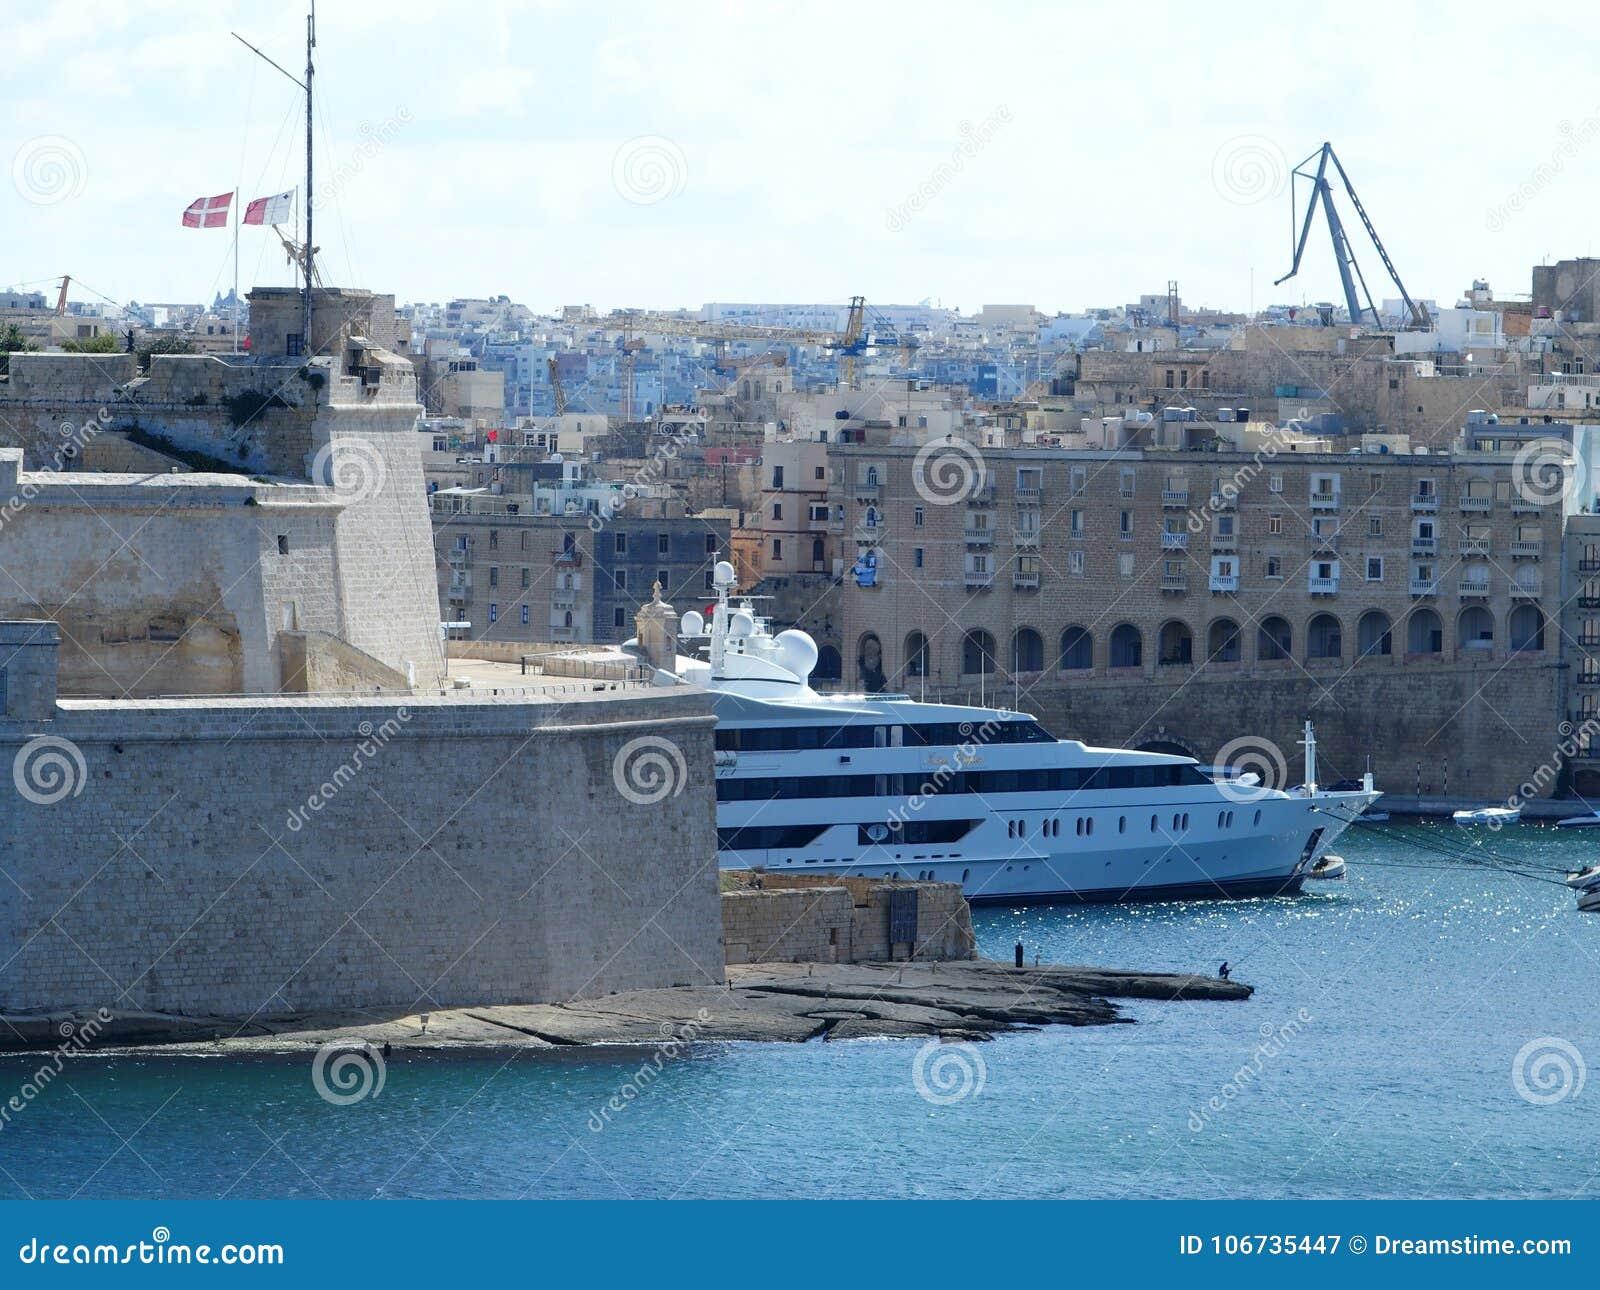 Мальта, Валлетта, яхта